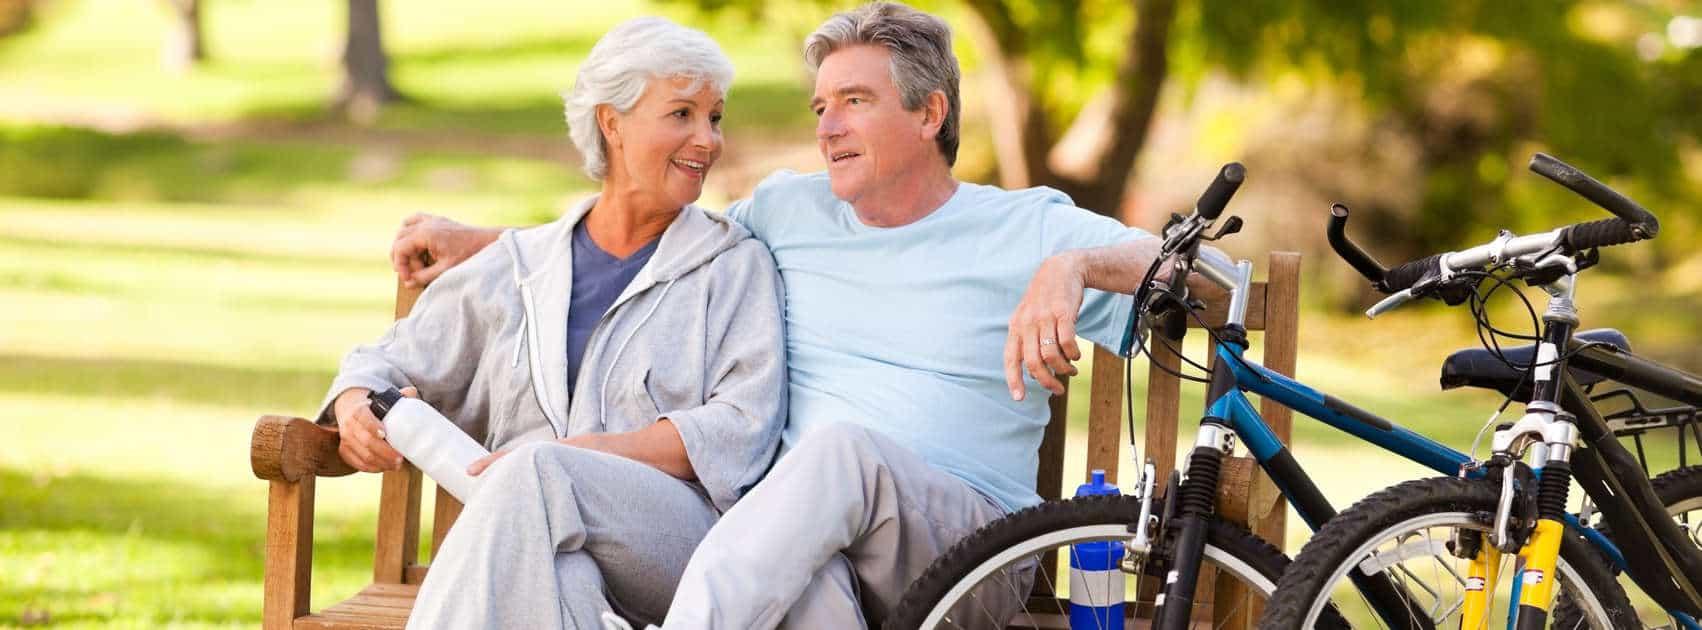 ouder echtpaar met fietsen